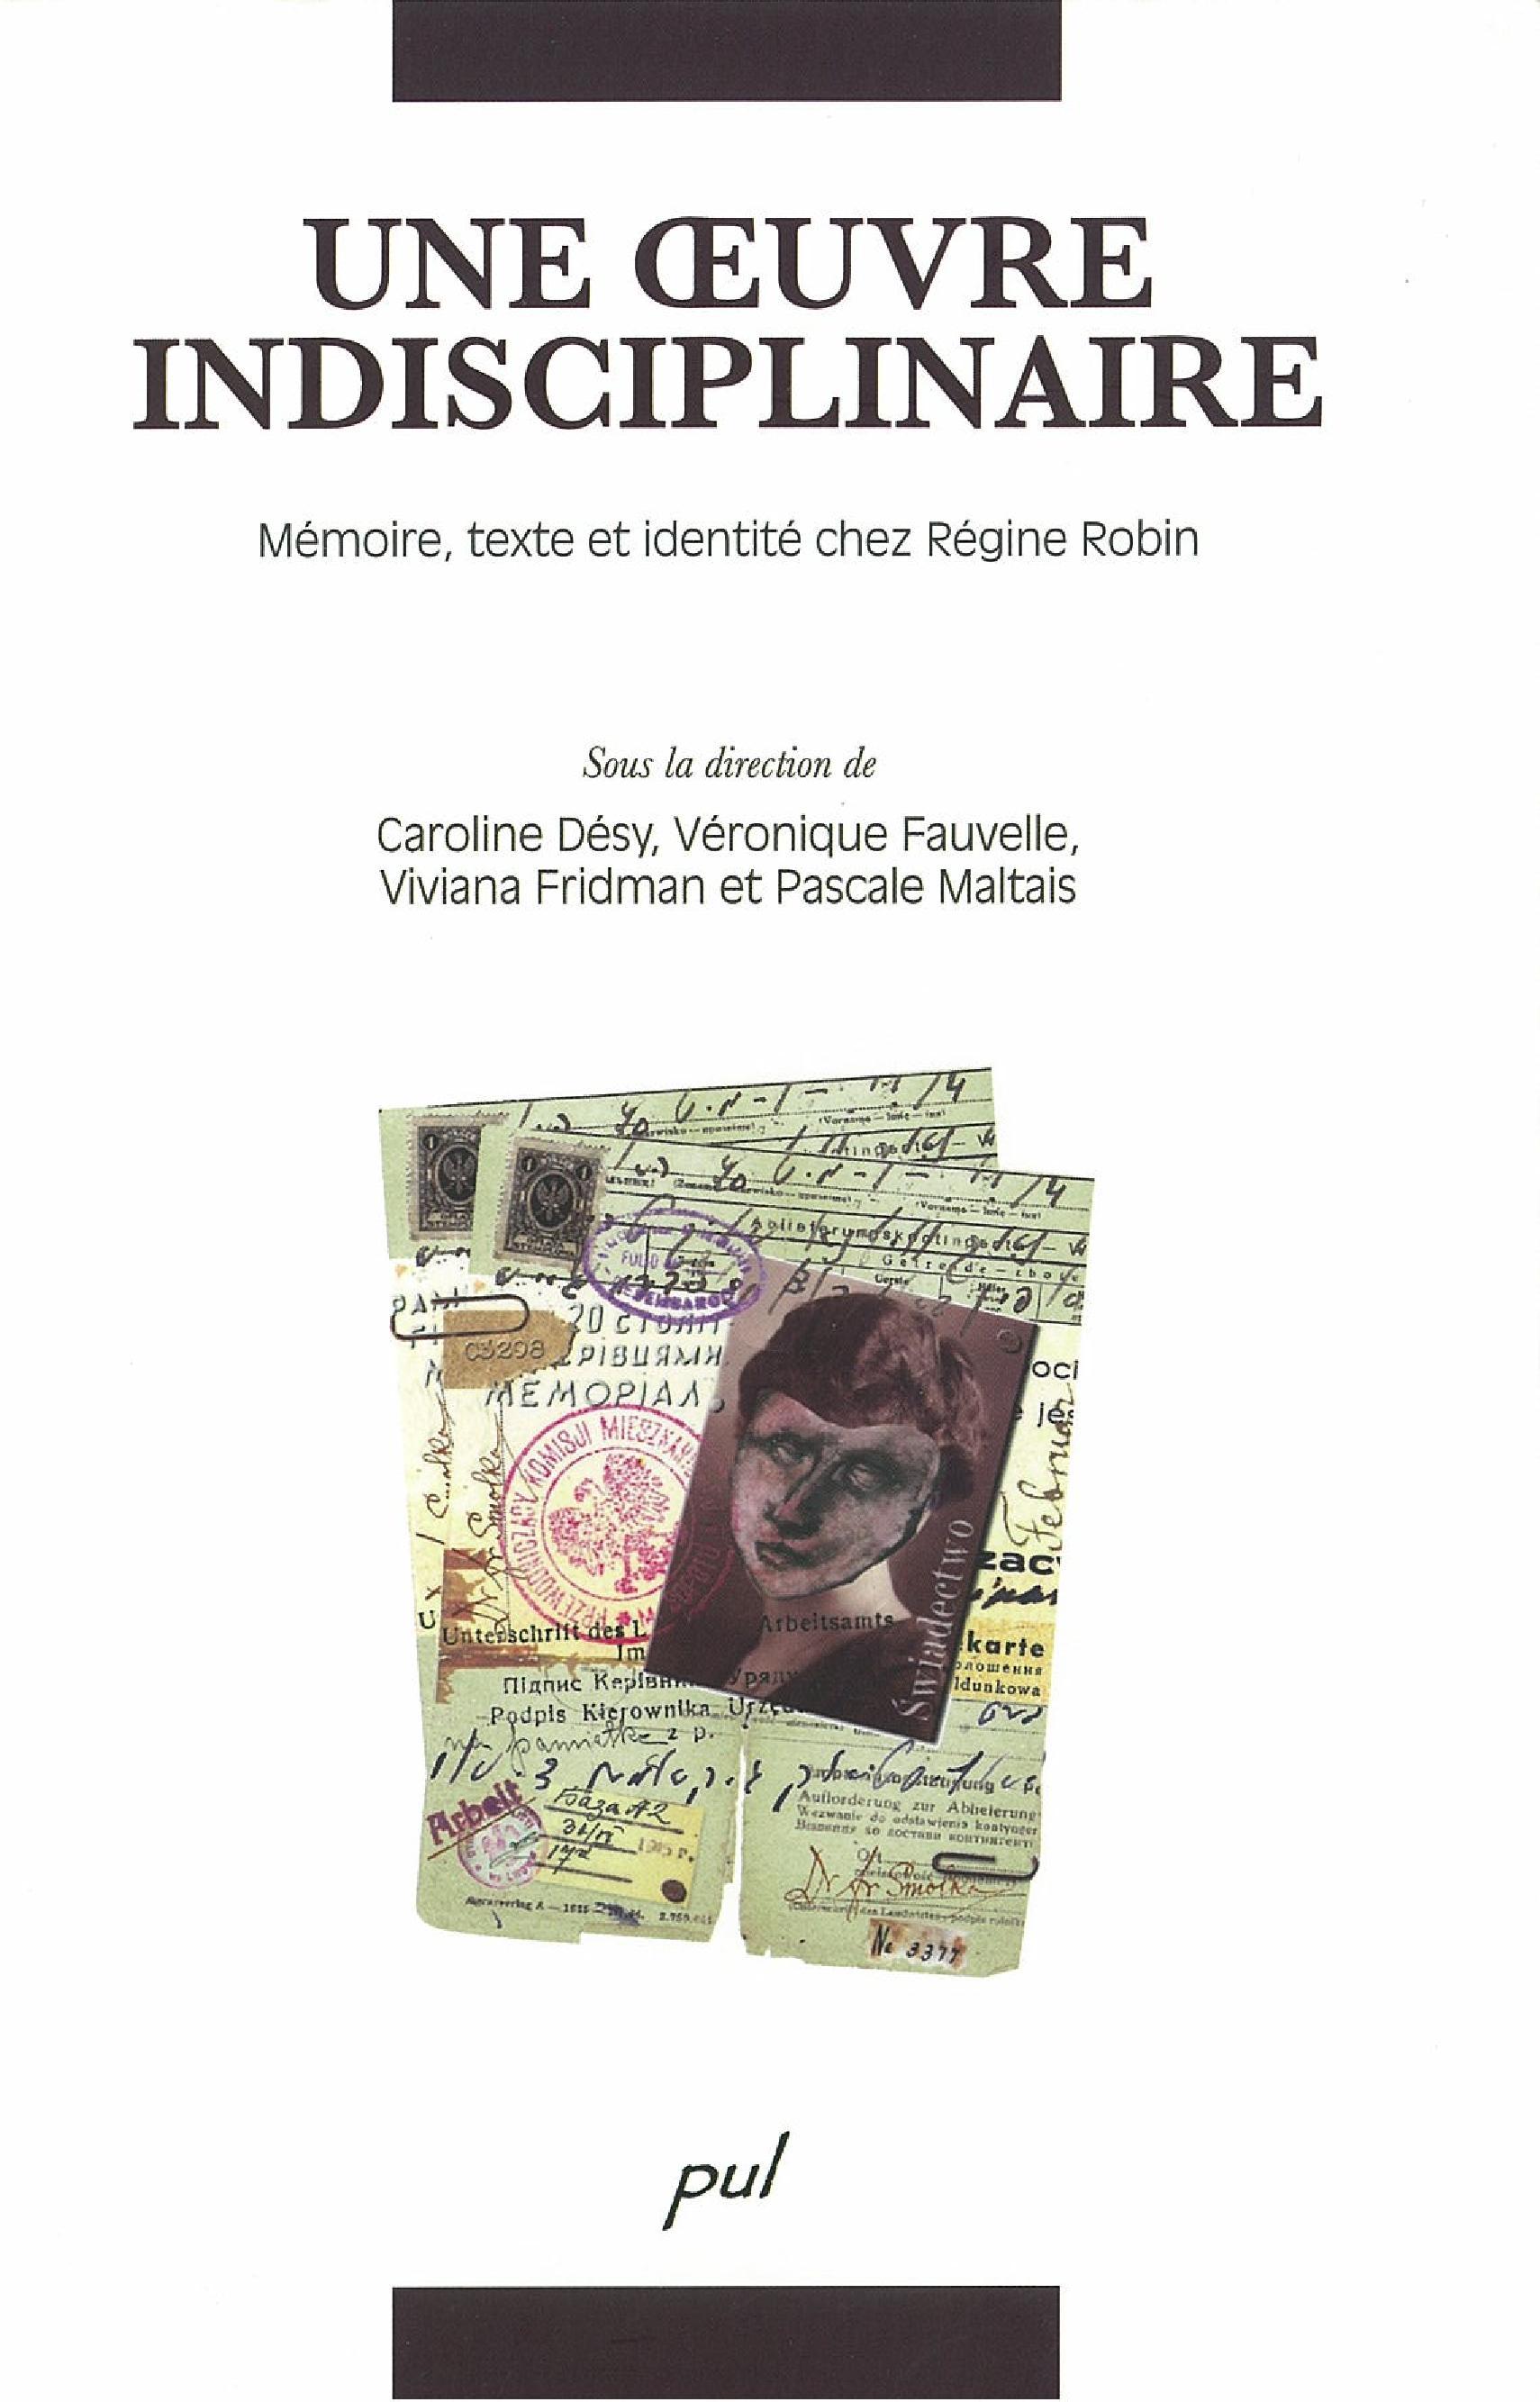 Oeuvre indisciplinaire : mémoire, texte,